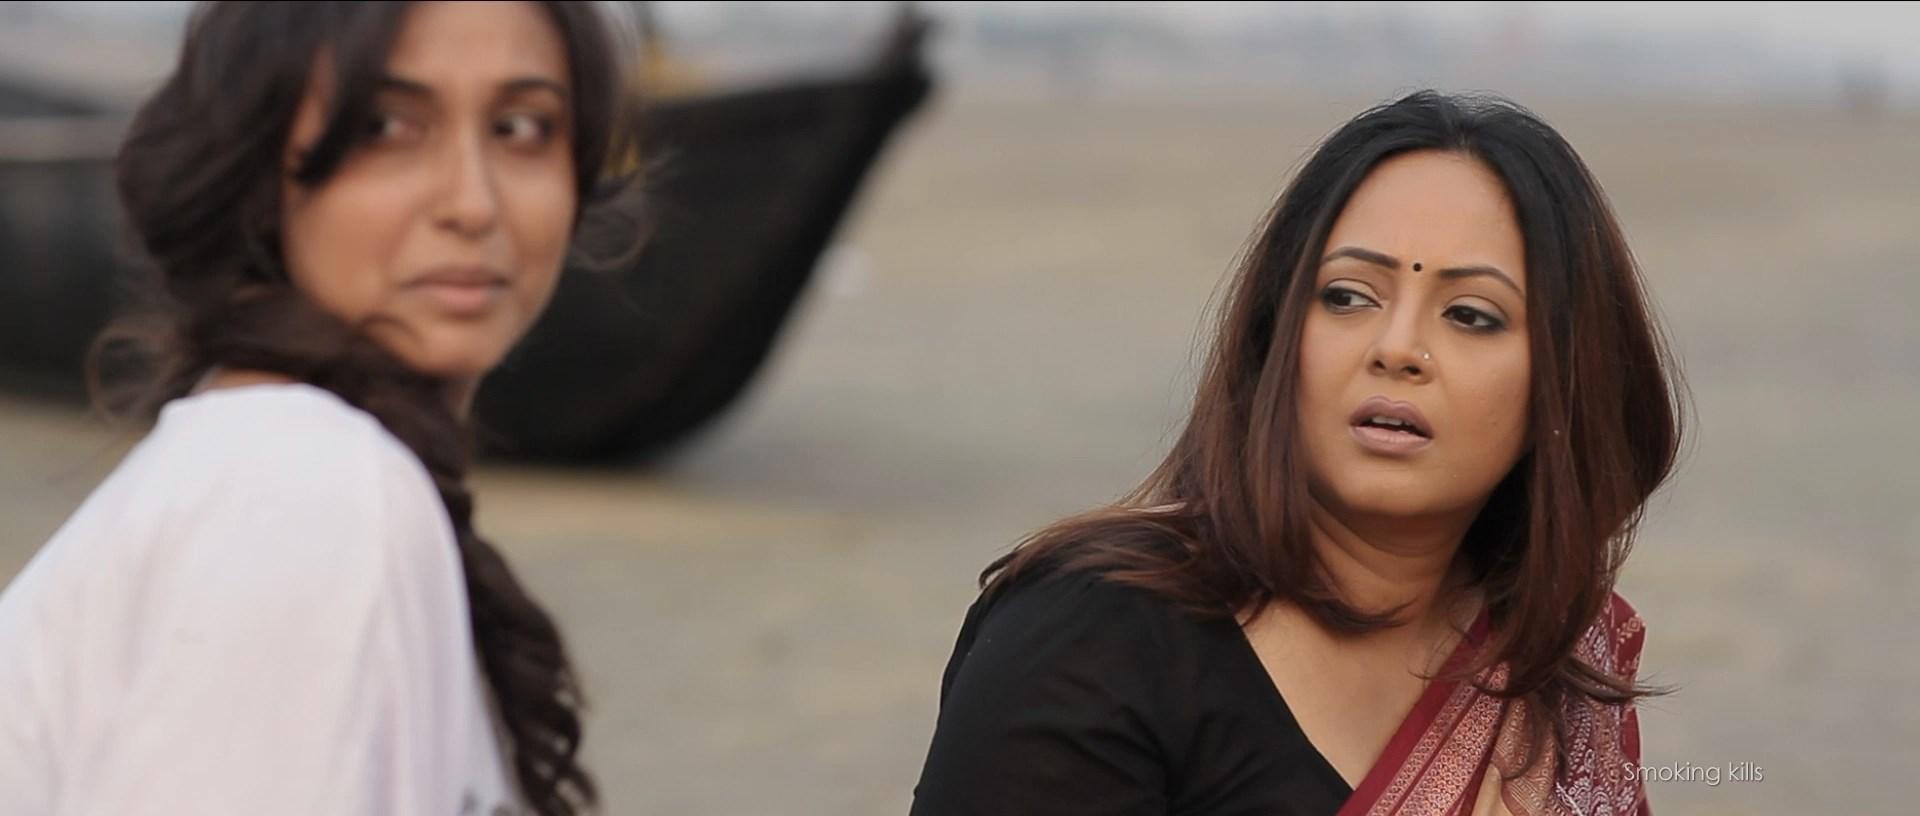 Jijibisha.2014.Bengali.1080p.AMZN.WEB-DL.AVC.DD2.0.Dus-IcTv.mkv_snapshot_01.29.32_2020.04.17_11.46.5432d3c.jpg